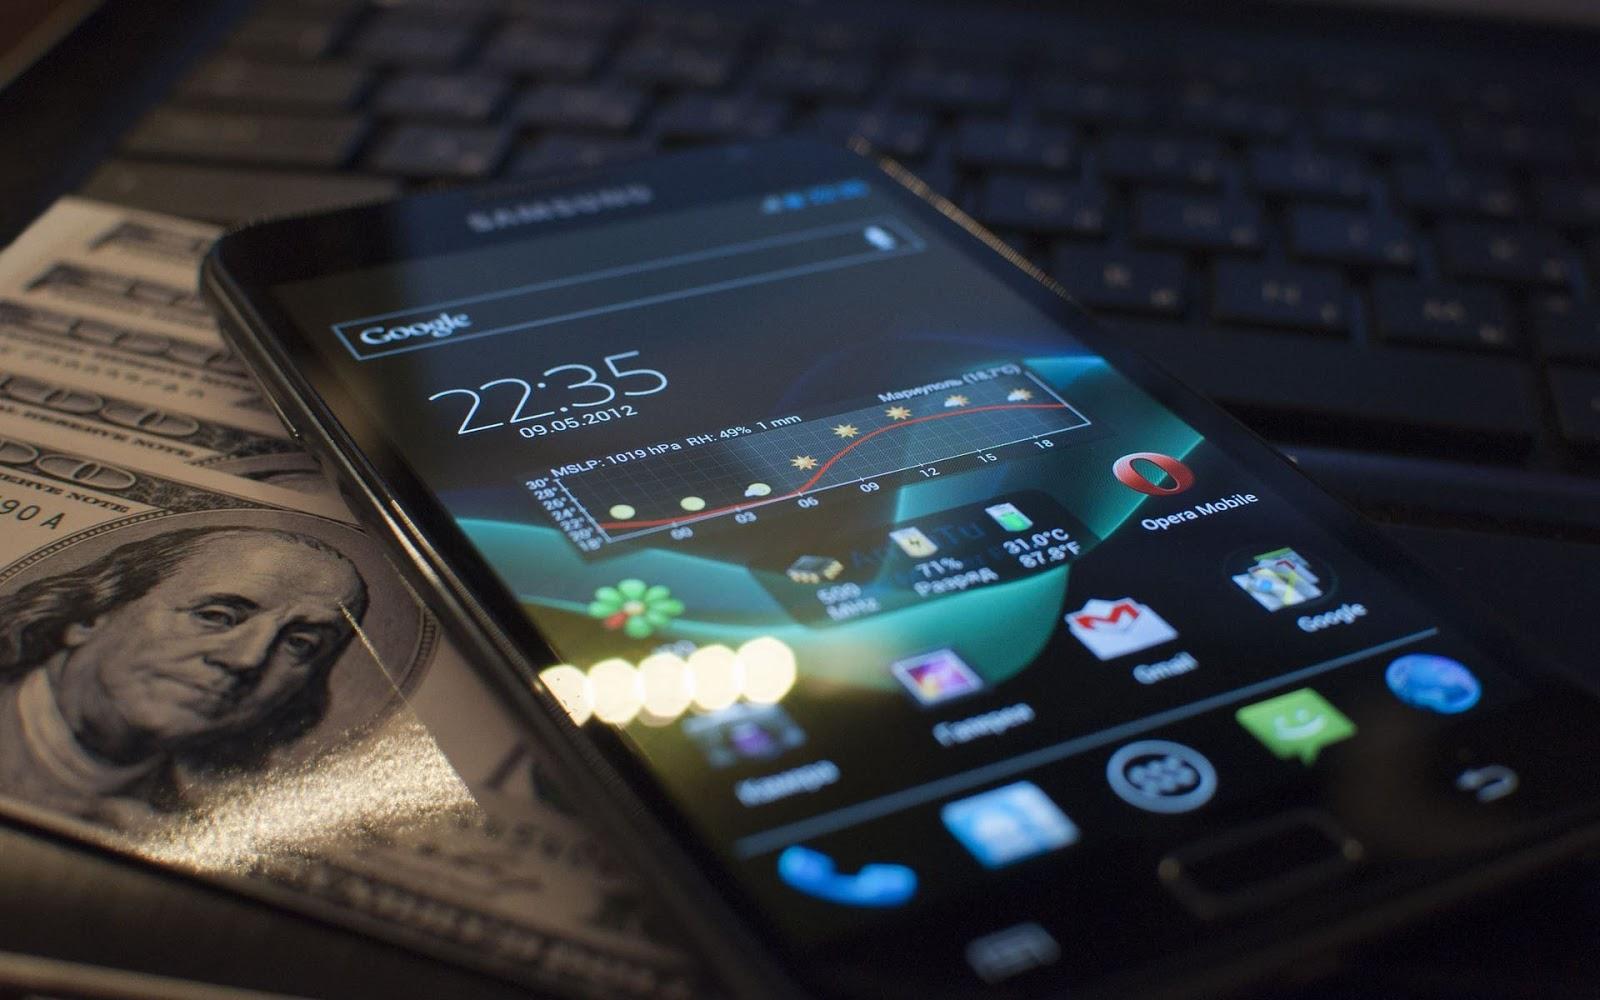 http://4.bp.blogspot.com/-cp4f1JW0BFM/UHXTP6u2YWI/AAAAAAAAGRQ/ODsBM-i-hAw/s1600/mobiele-telefoon-samsung-galaxy-note-wallpaper.jpg